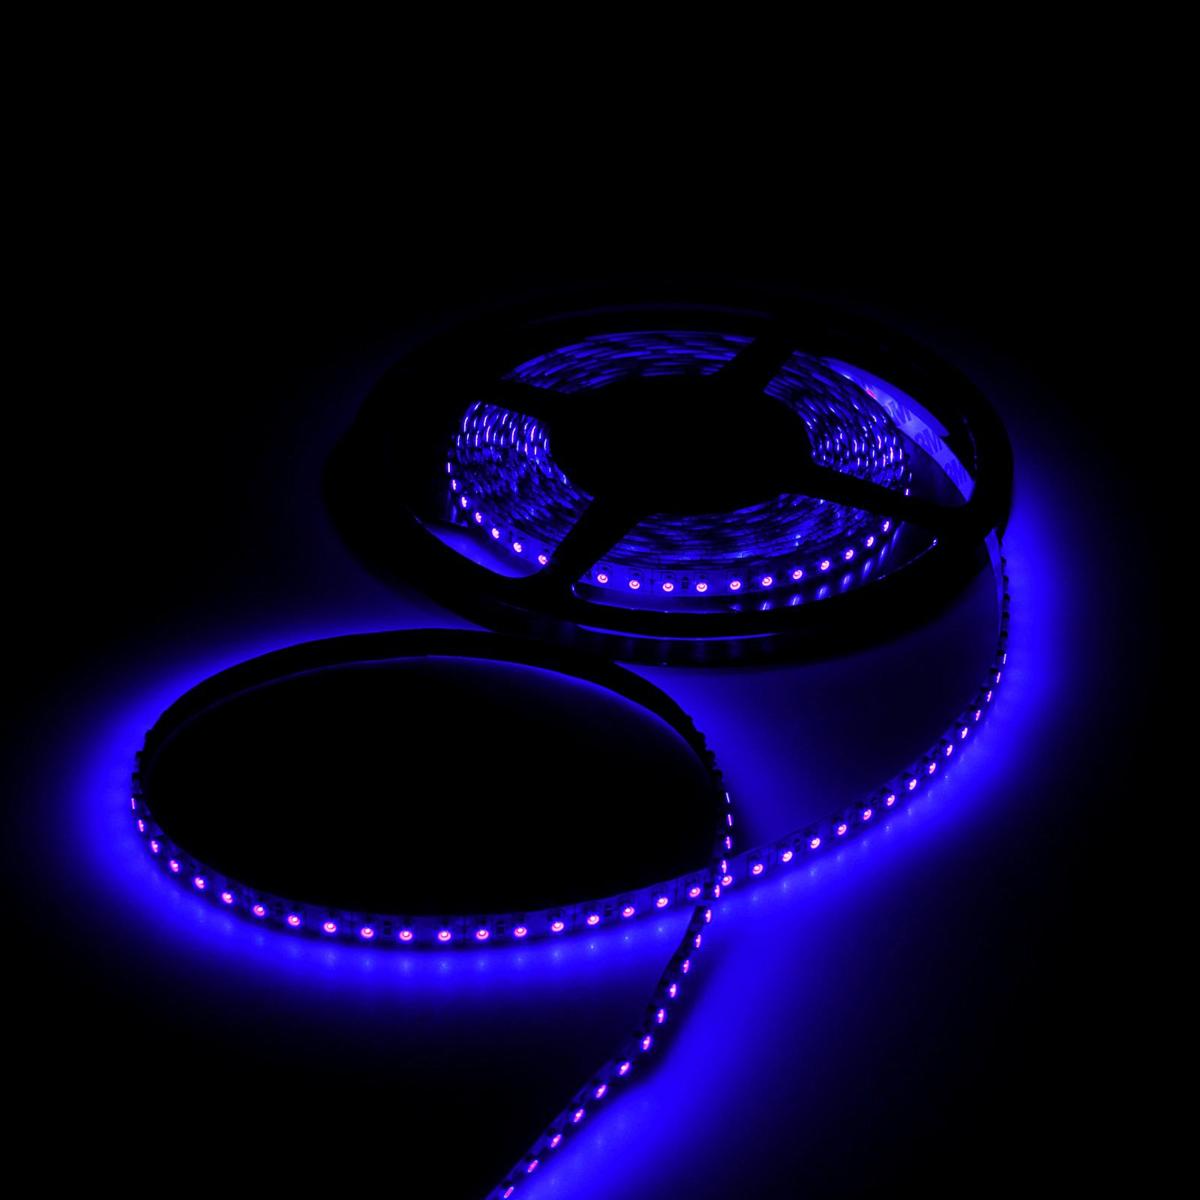 Светодиодная лента Luazon, 12В, SMD3528, длина 5 м, IP68, 60 LED ламп, 4.8 Вт/м, 6-7 Лм/1 LED, DC, цвет: синий. 883888883888Светодиодные гирлянды, ленты и т.д — это отличный вариант для новогоднего оформления интерьера или фасада. С их помощью помещение любого размера можно превратить в праздничный зал, а внешние элементы зданий, украшенные ими, мгновенно станут напоминать очертания сказочного дворца. Такие украшения создают ауру предвкушения чуда. Деревья, фасады, витрины, окна и арки будто специально созданы, чтобы вы украсили их светящимися нитями.